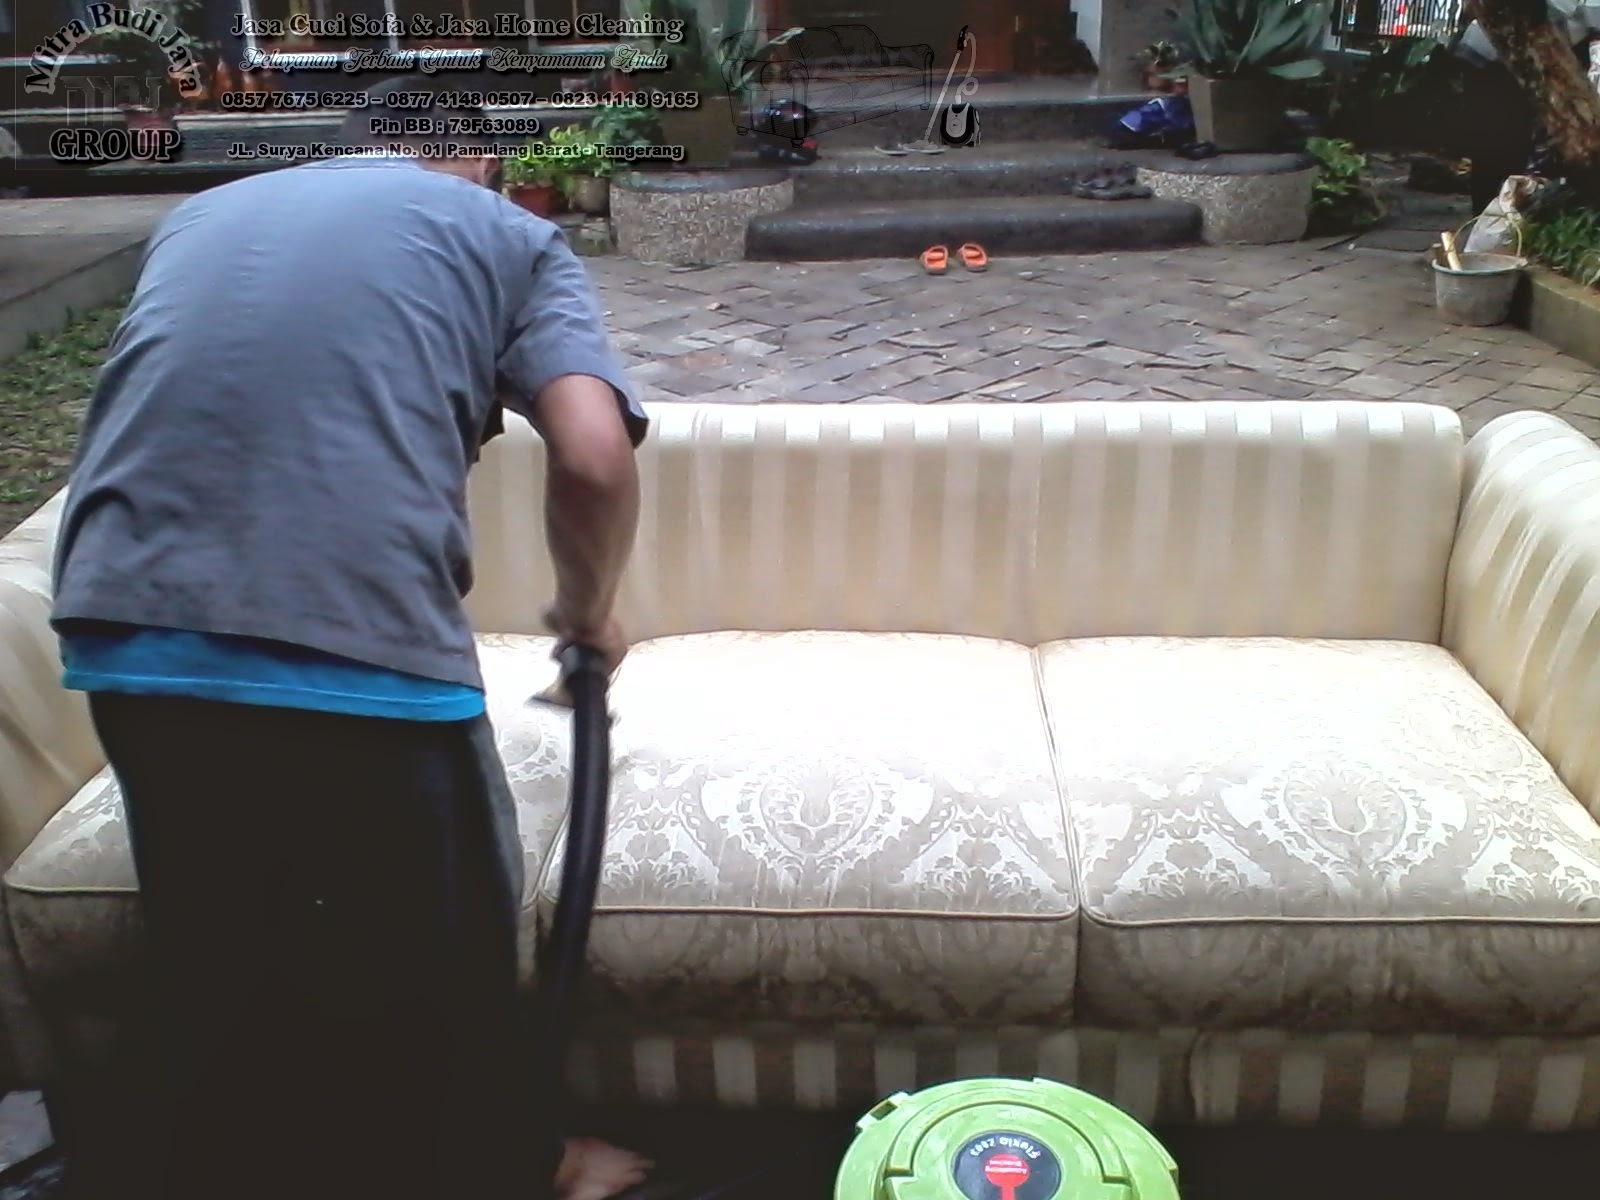 Jasa Cuci Sofa & Cuci Springbed Tangerang Kualitas Terbaik Murah Terpercaya Dan Profesional